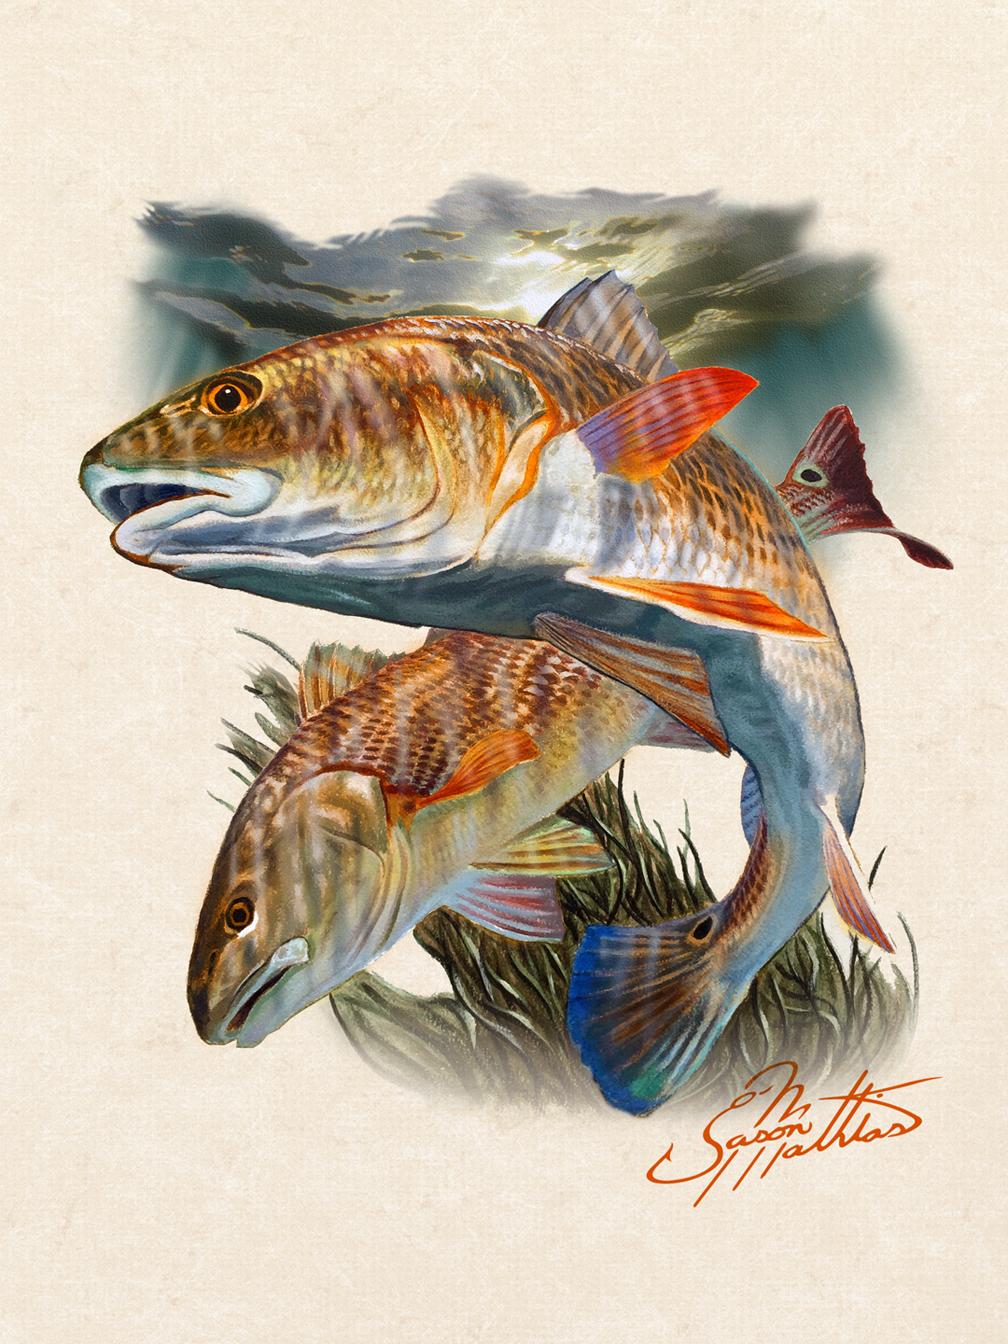 redfish-art-jason-mathias.jpg